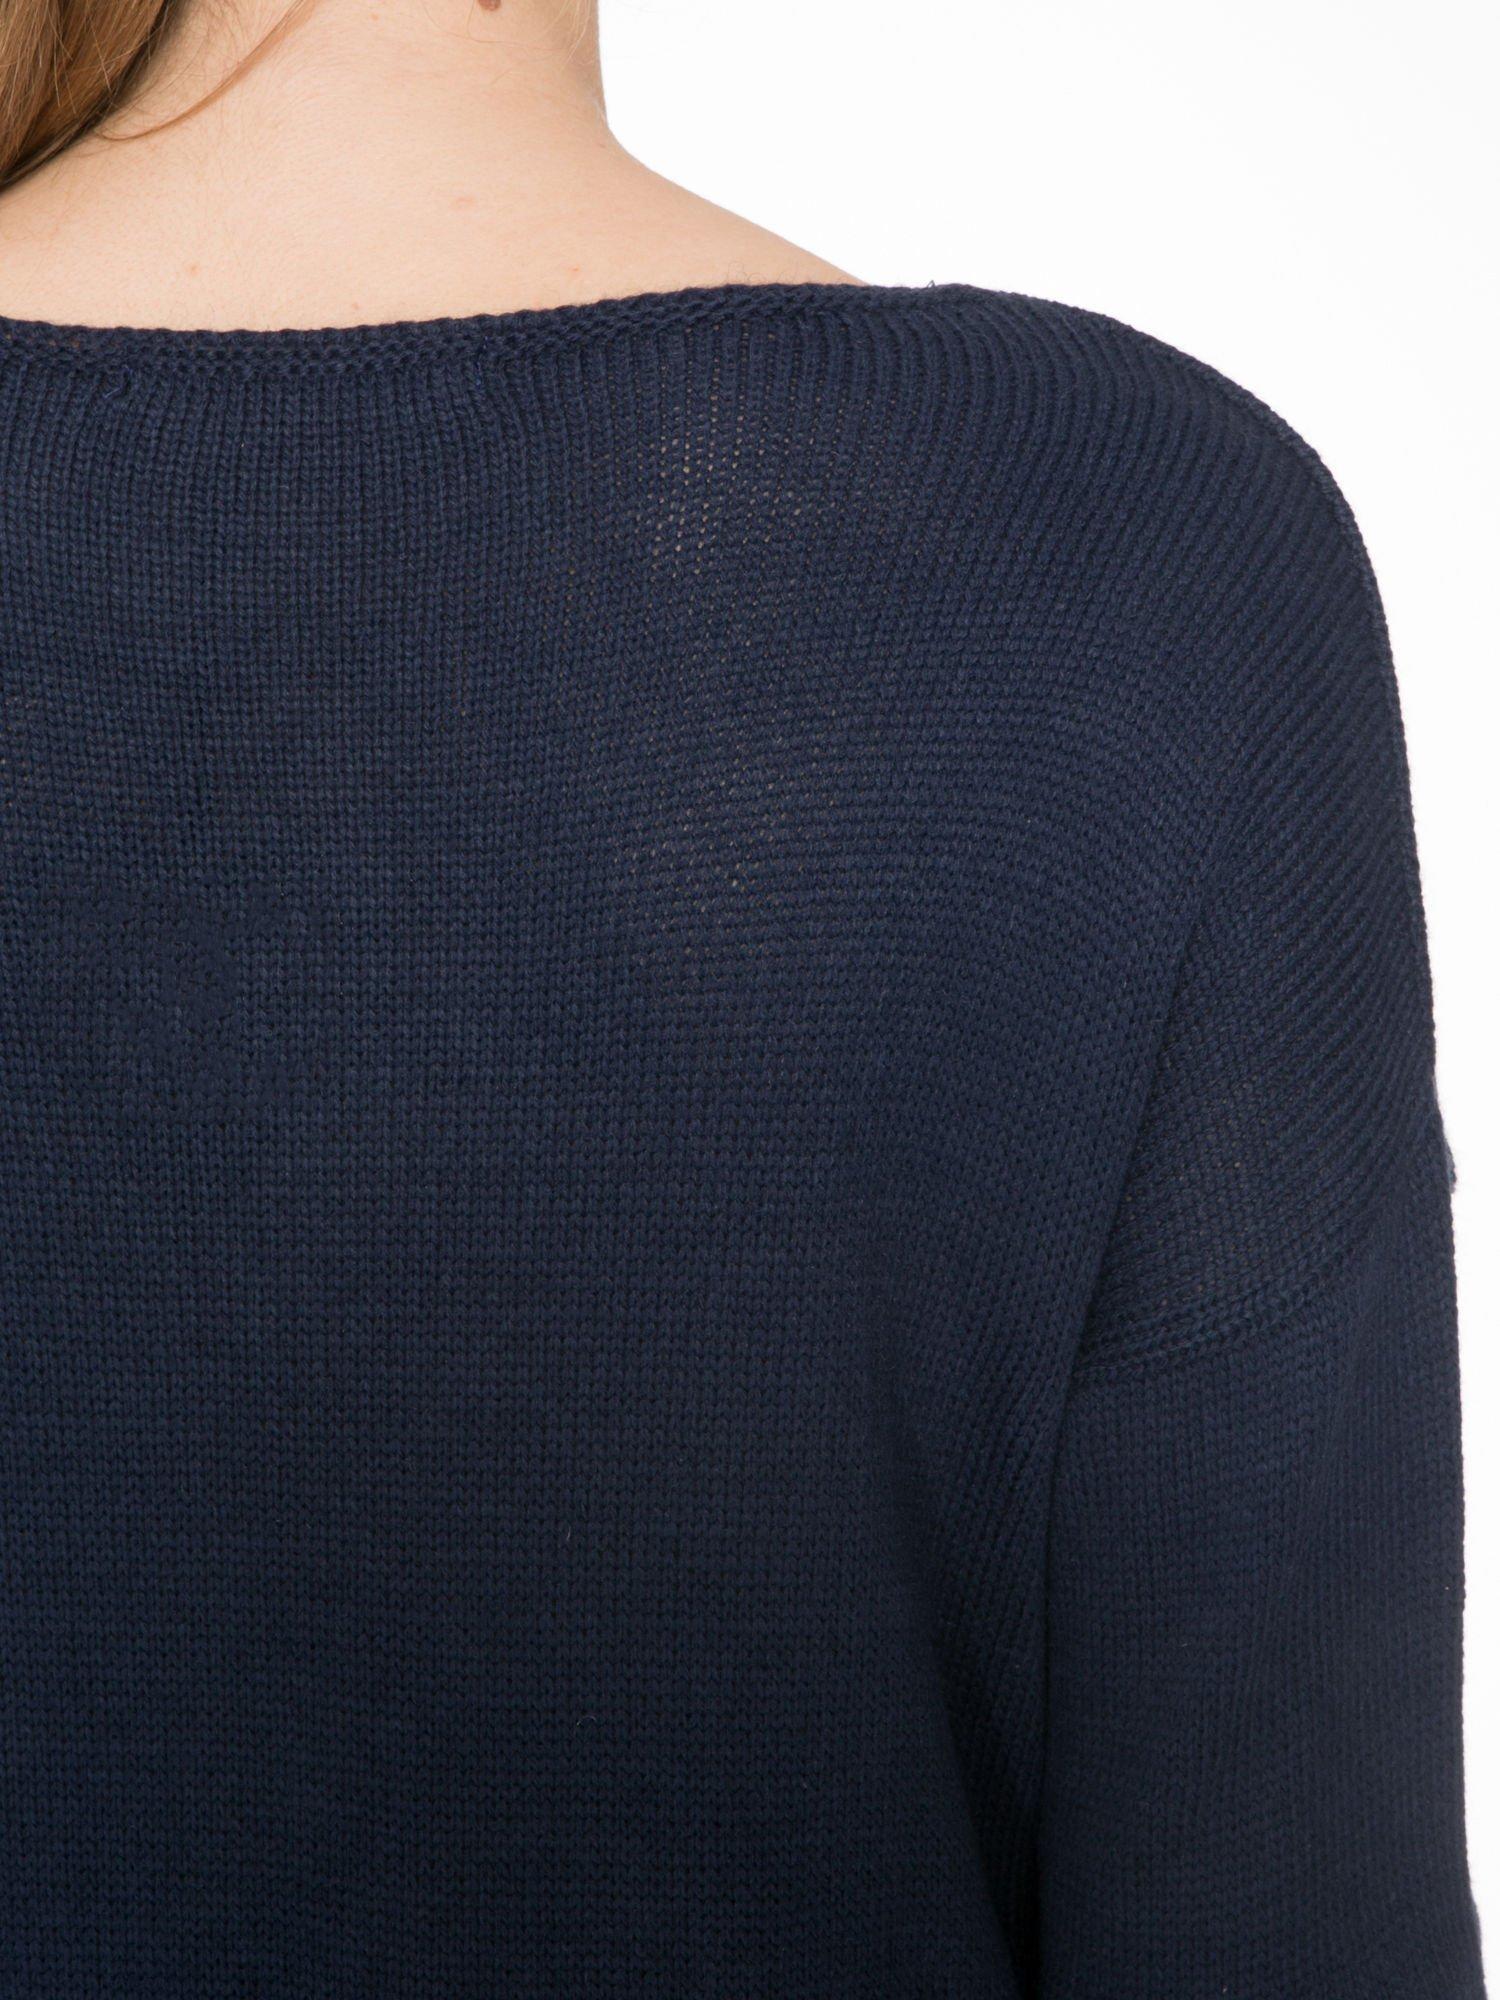 Granatowy sweter z nadrukiem WANTED i dżetami                                  zdj.                                  7